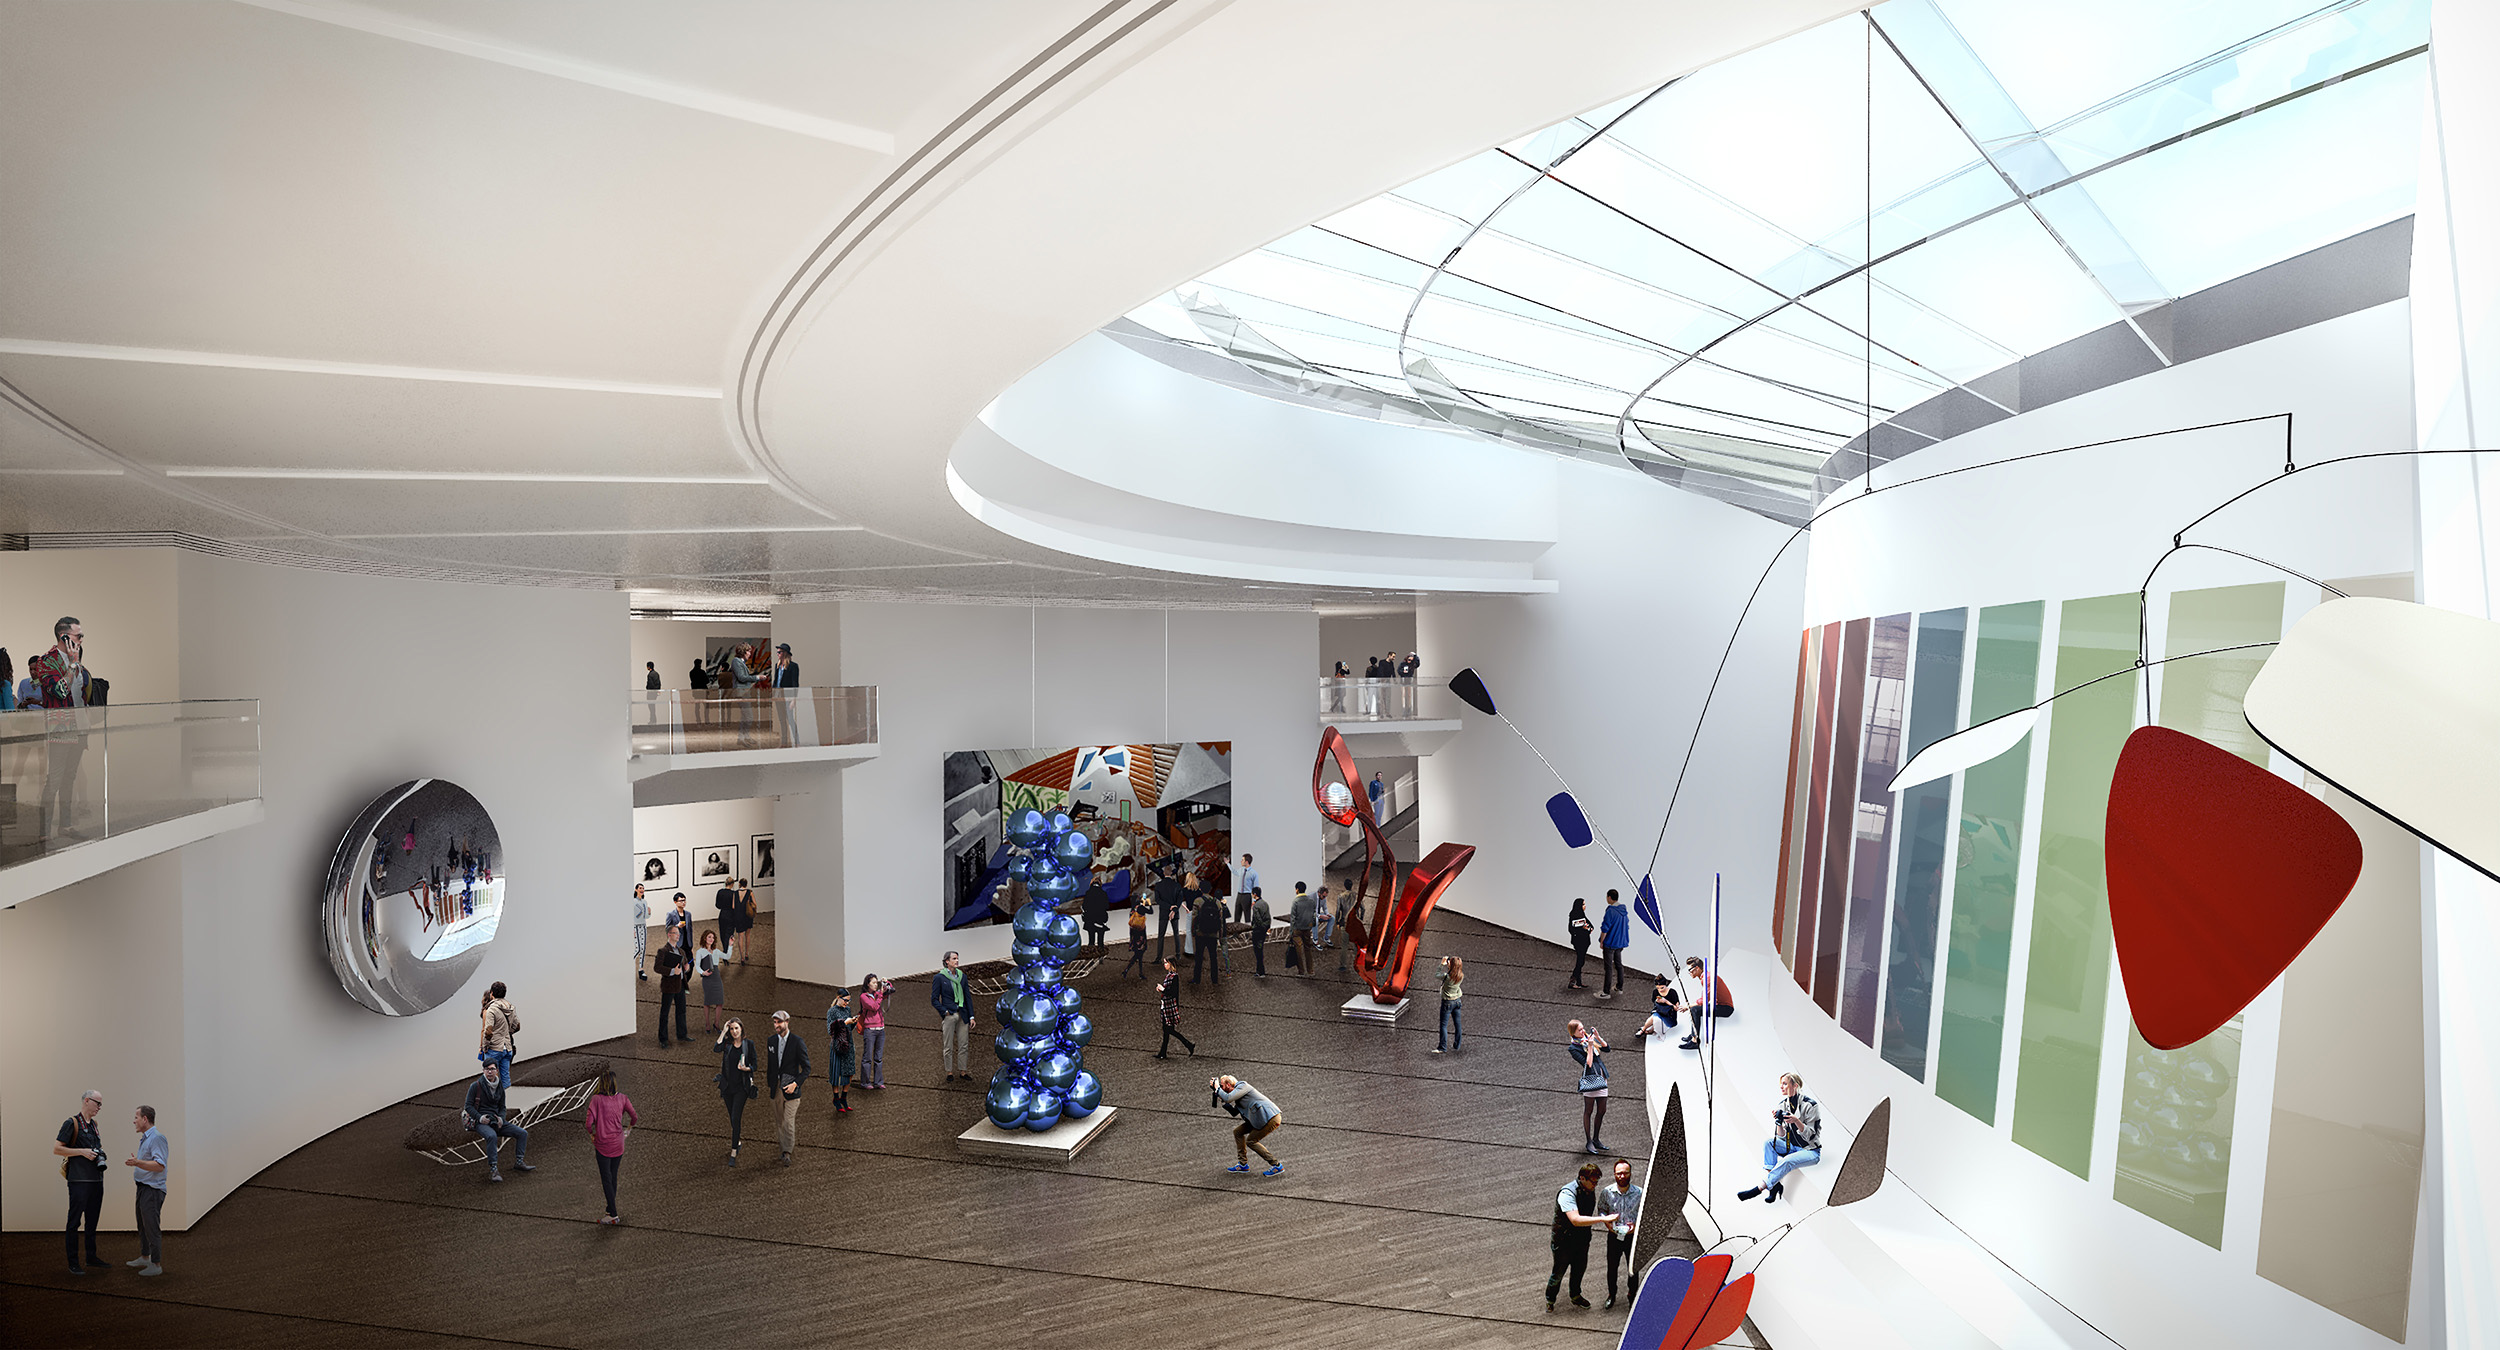 ... Gallery Interior Sm ...